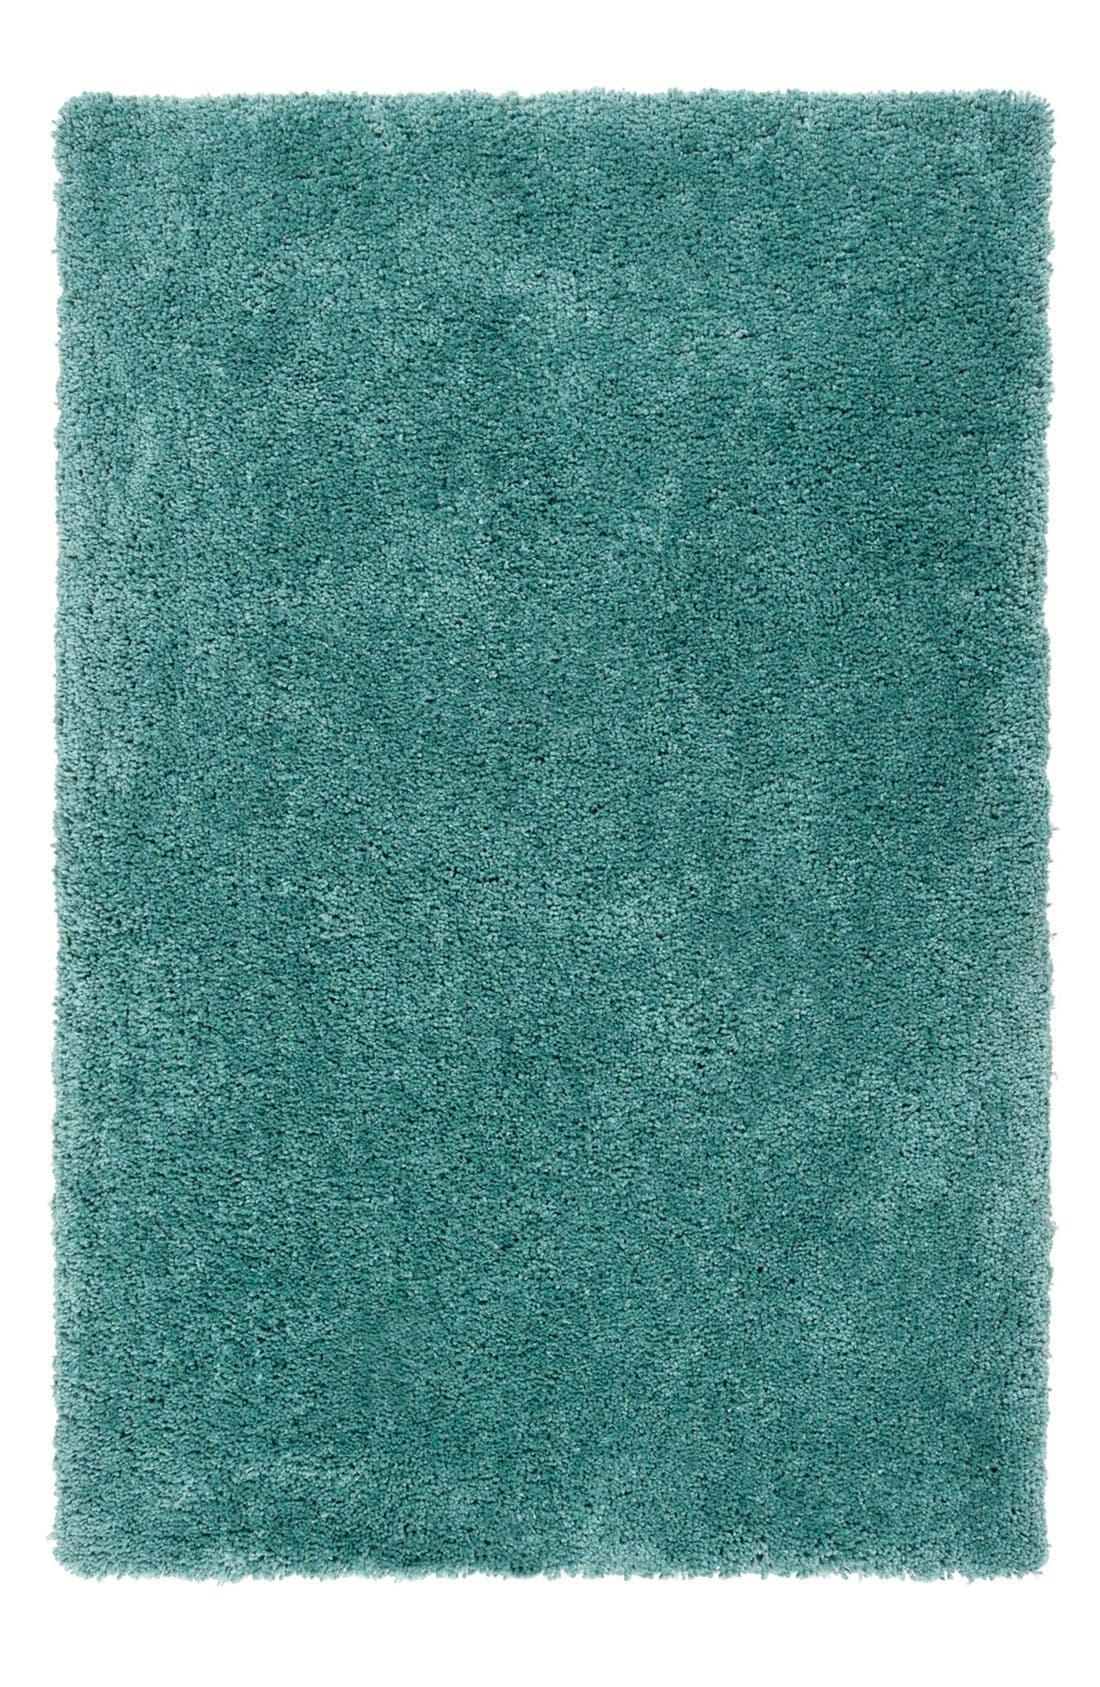 'Goddess' Rug,                         Main,                         color, SKY BLUE